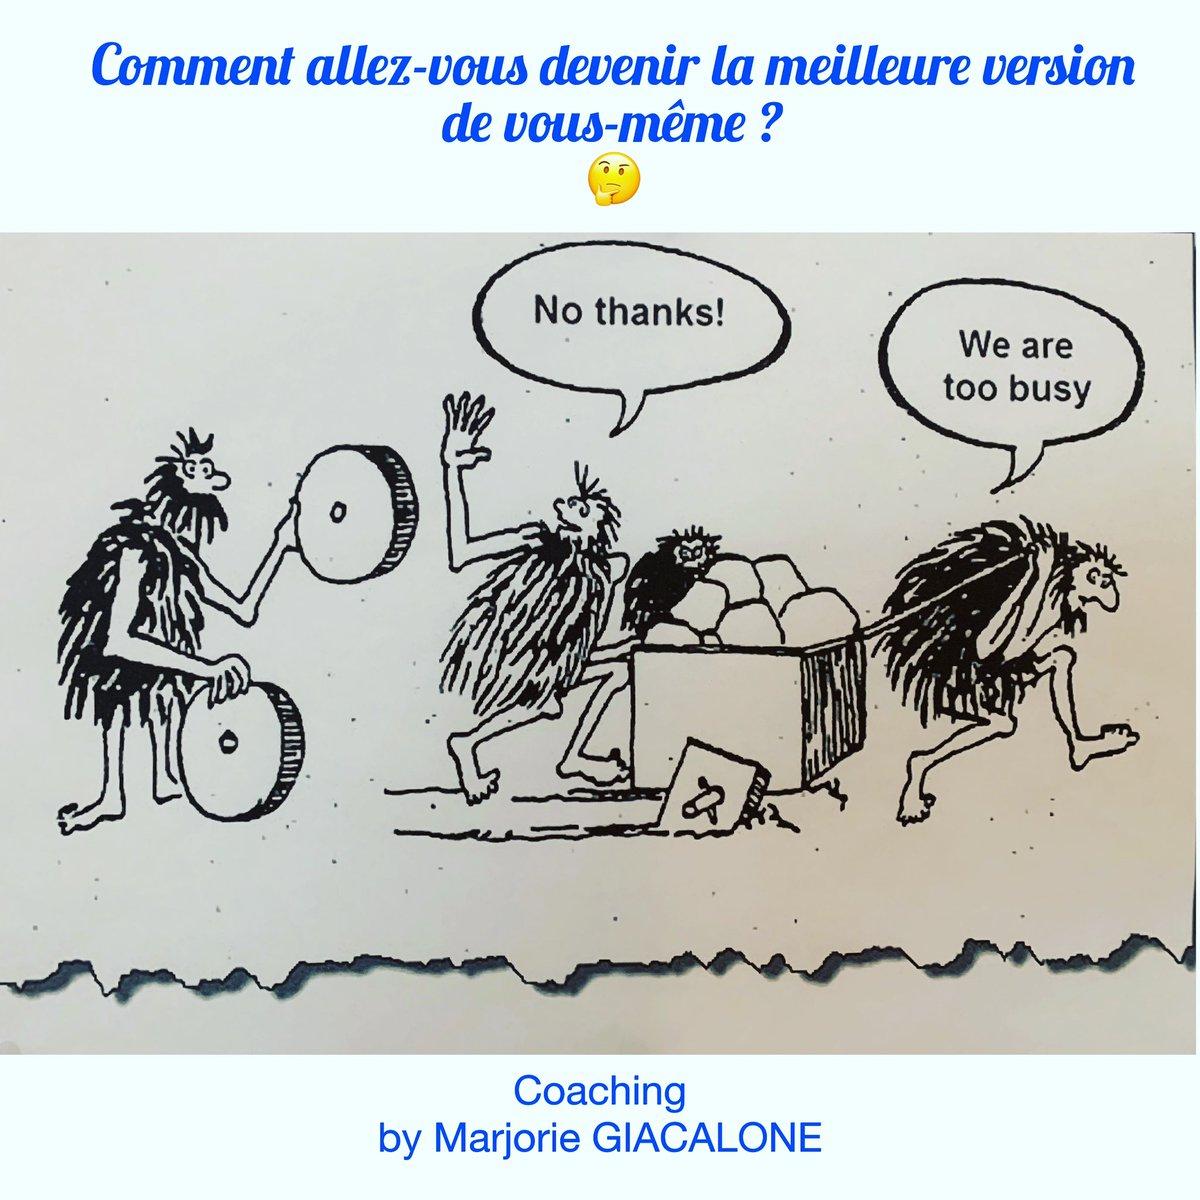 #coaching #objectif #positif #vivreheureux pic.twitter.com/aSvBhYQPpF